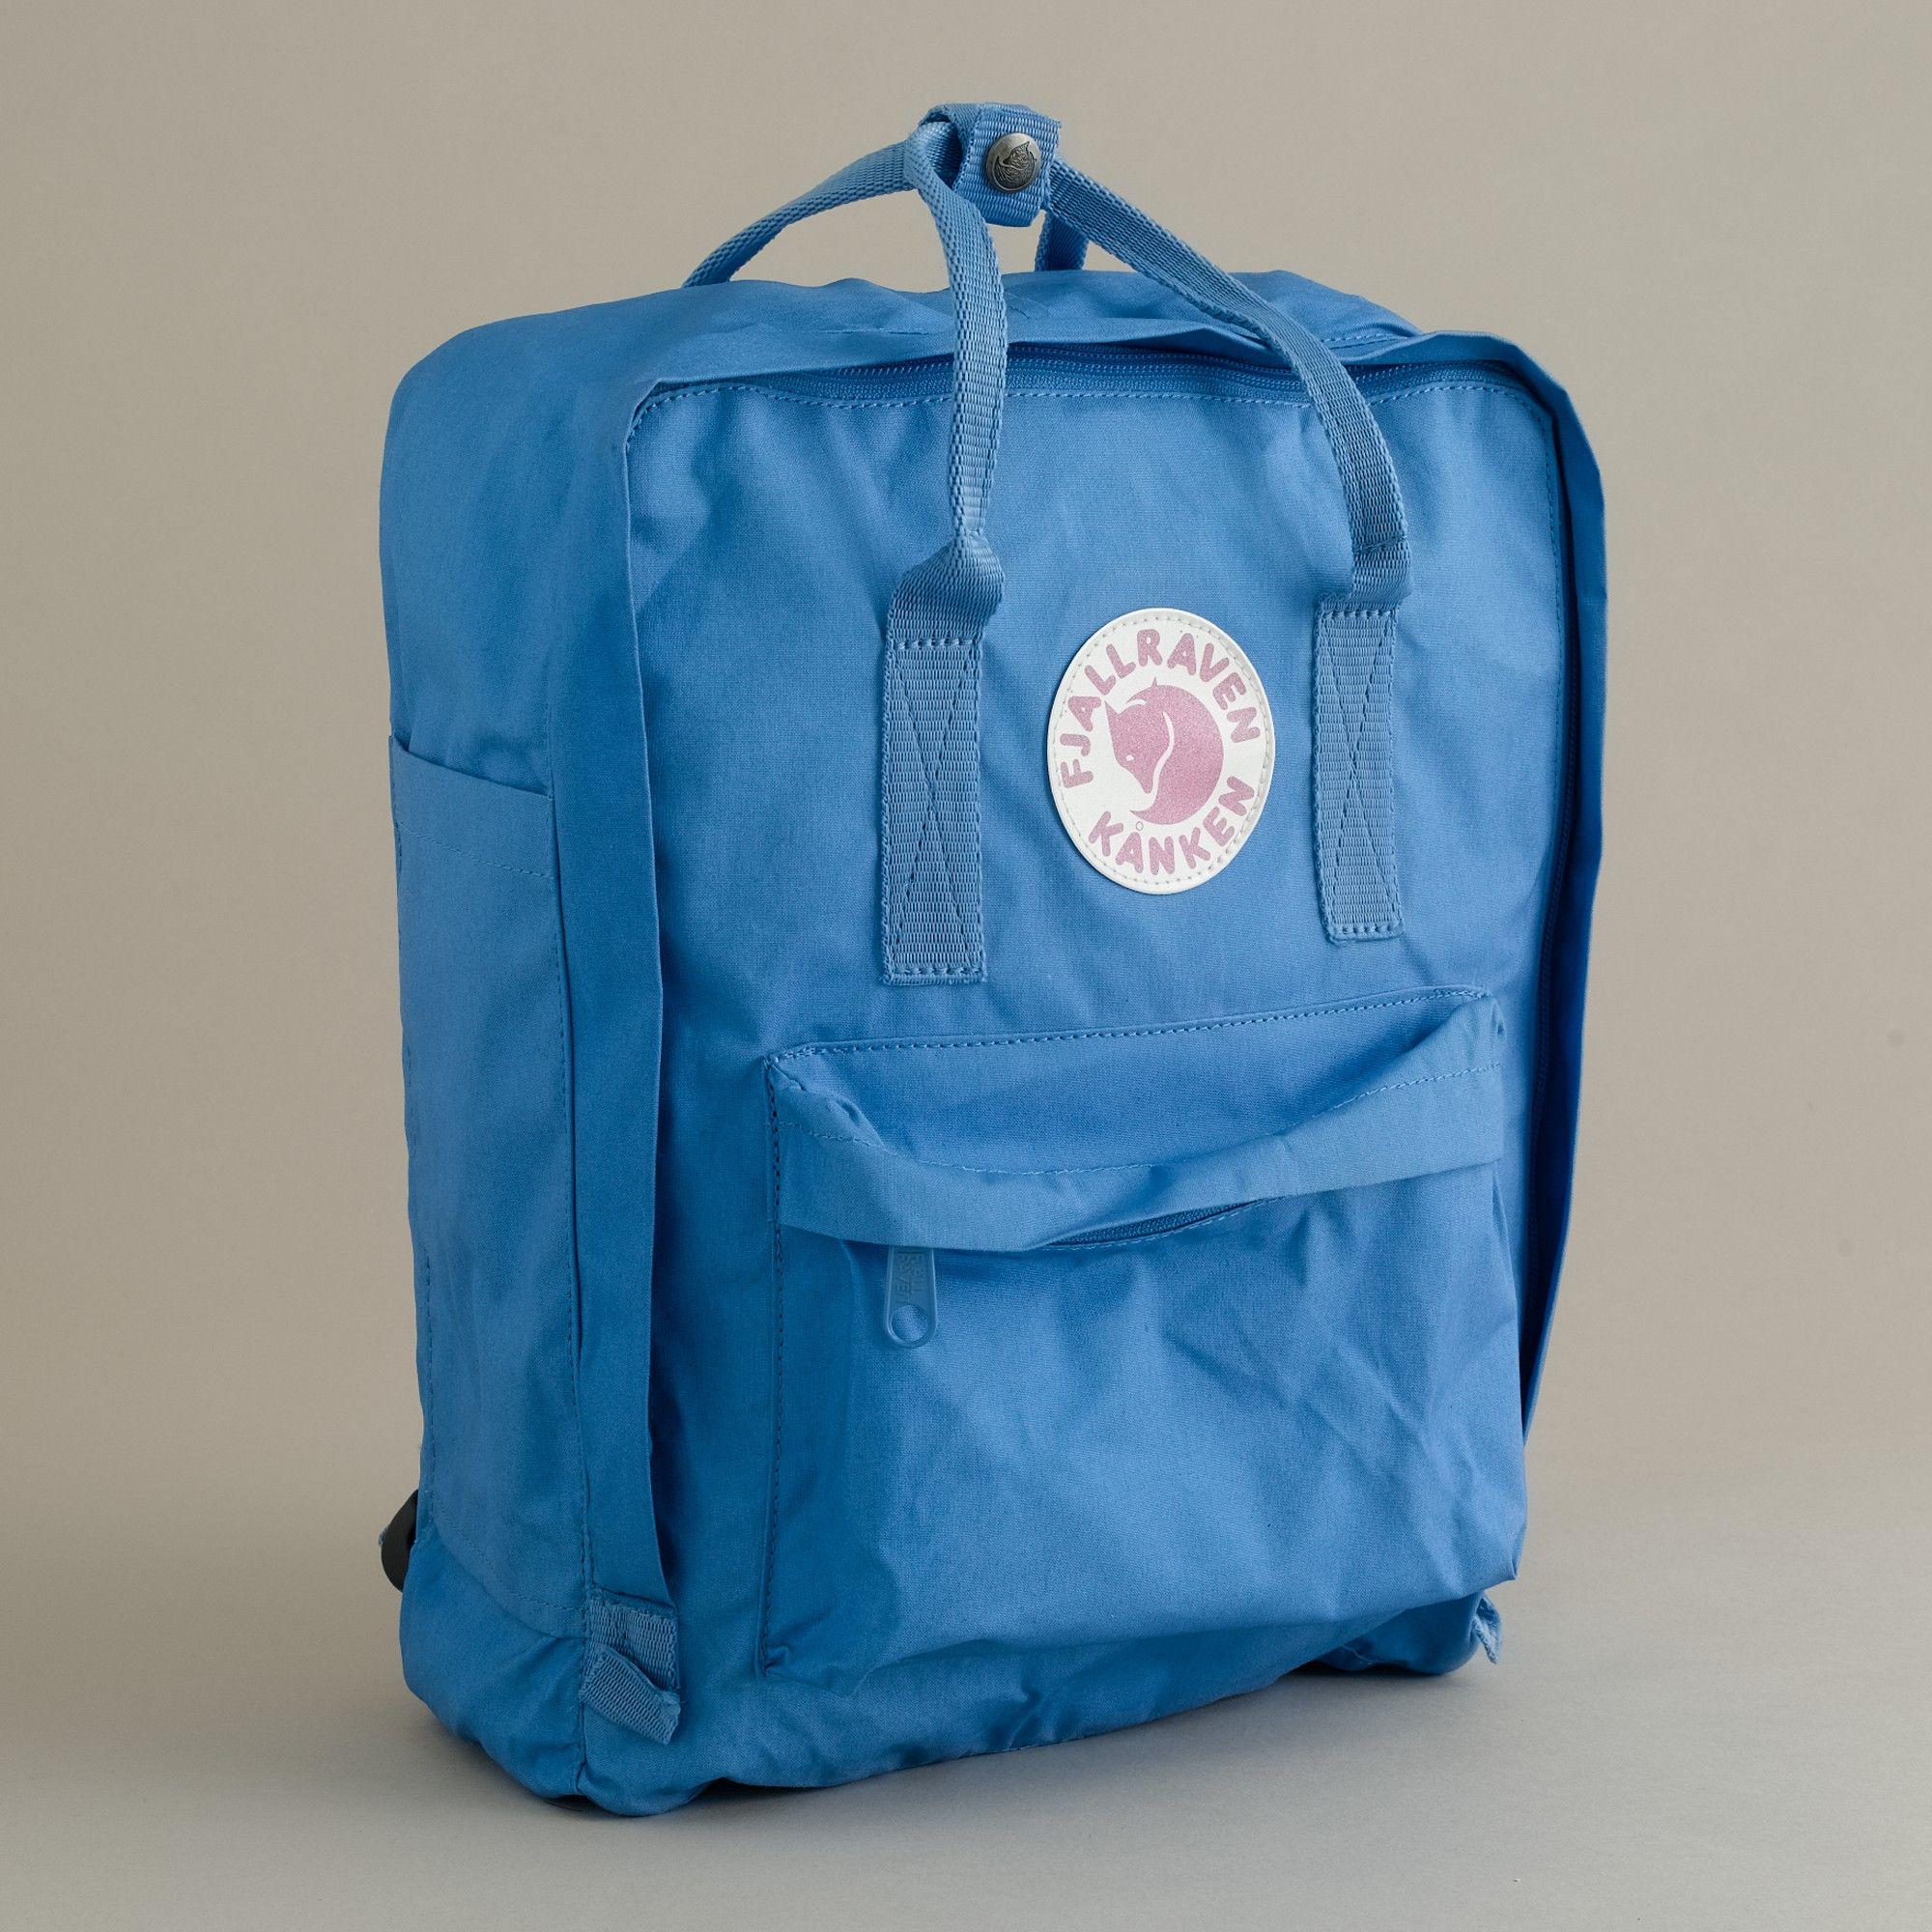 J.crew Fjällräven® Classic Kanken Backpack in Blue for Men (cool lake)  22fb7ea0a203f